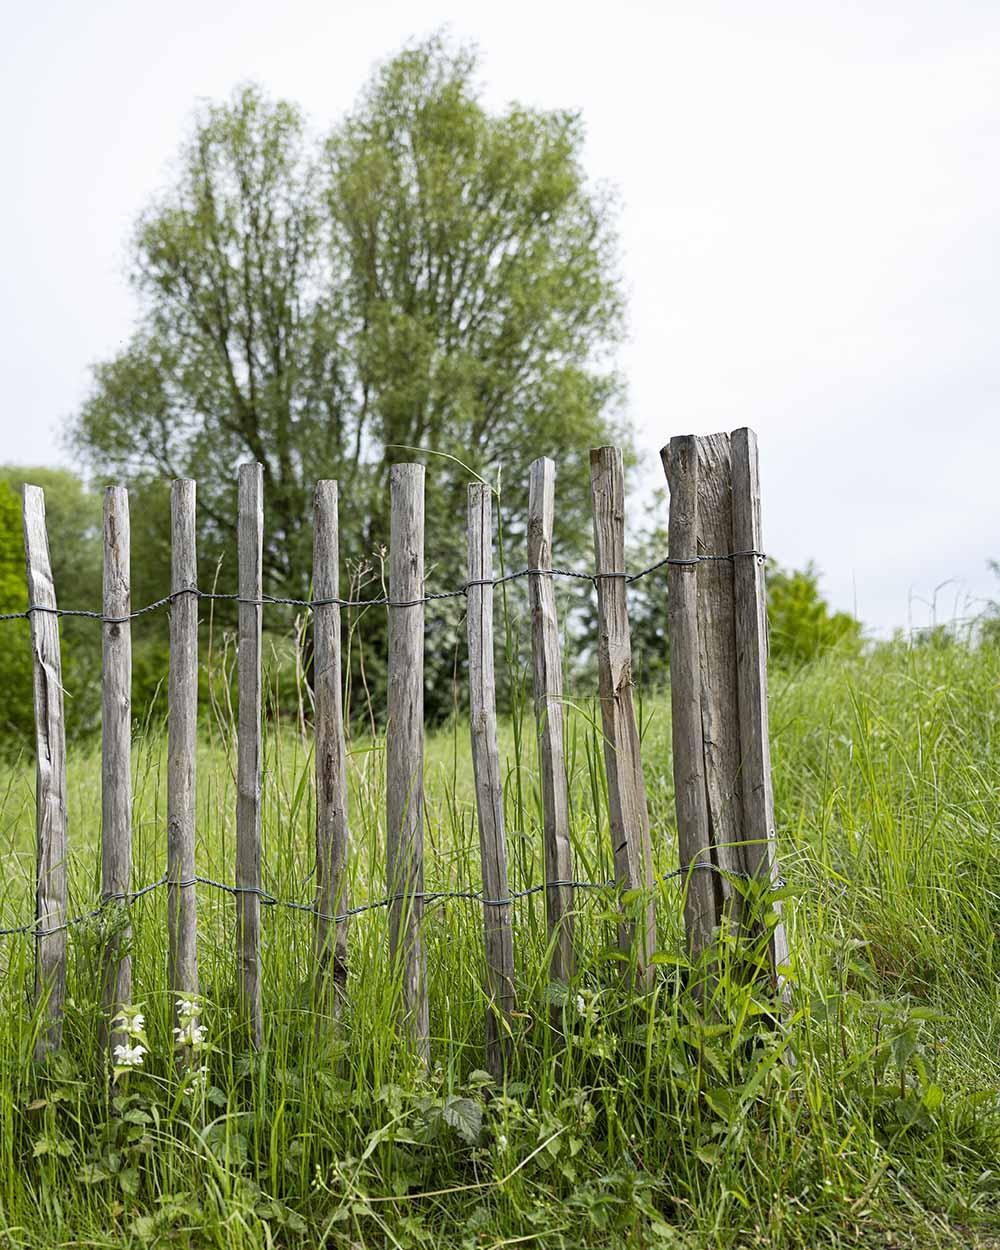 Ein offener Holzzaun im Tierpark Arche Warder, der das freie Gelände und den Freilauf der Tiere symbolisiert.